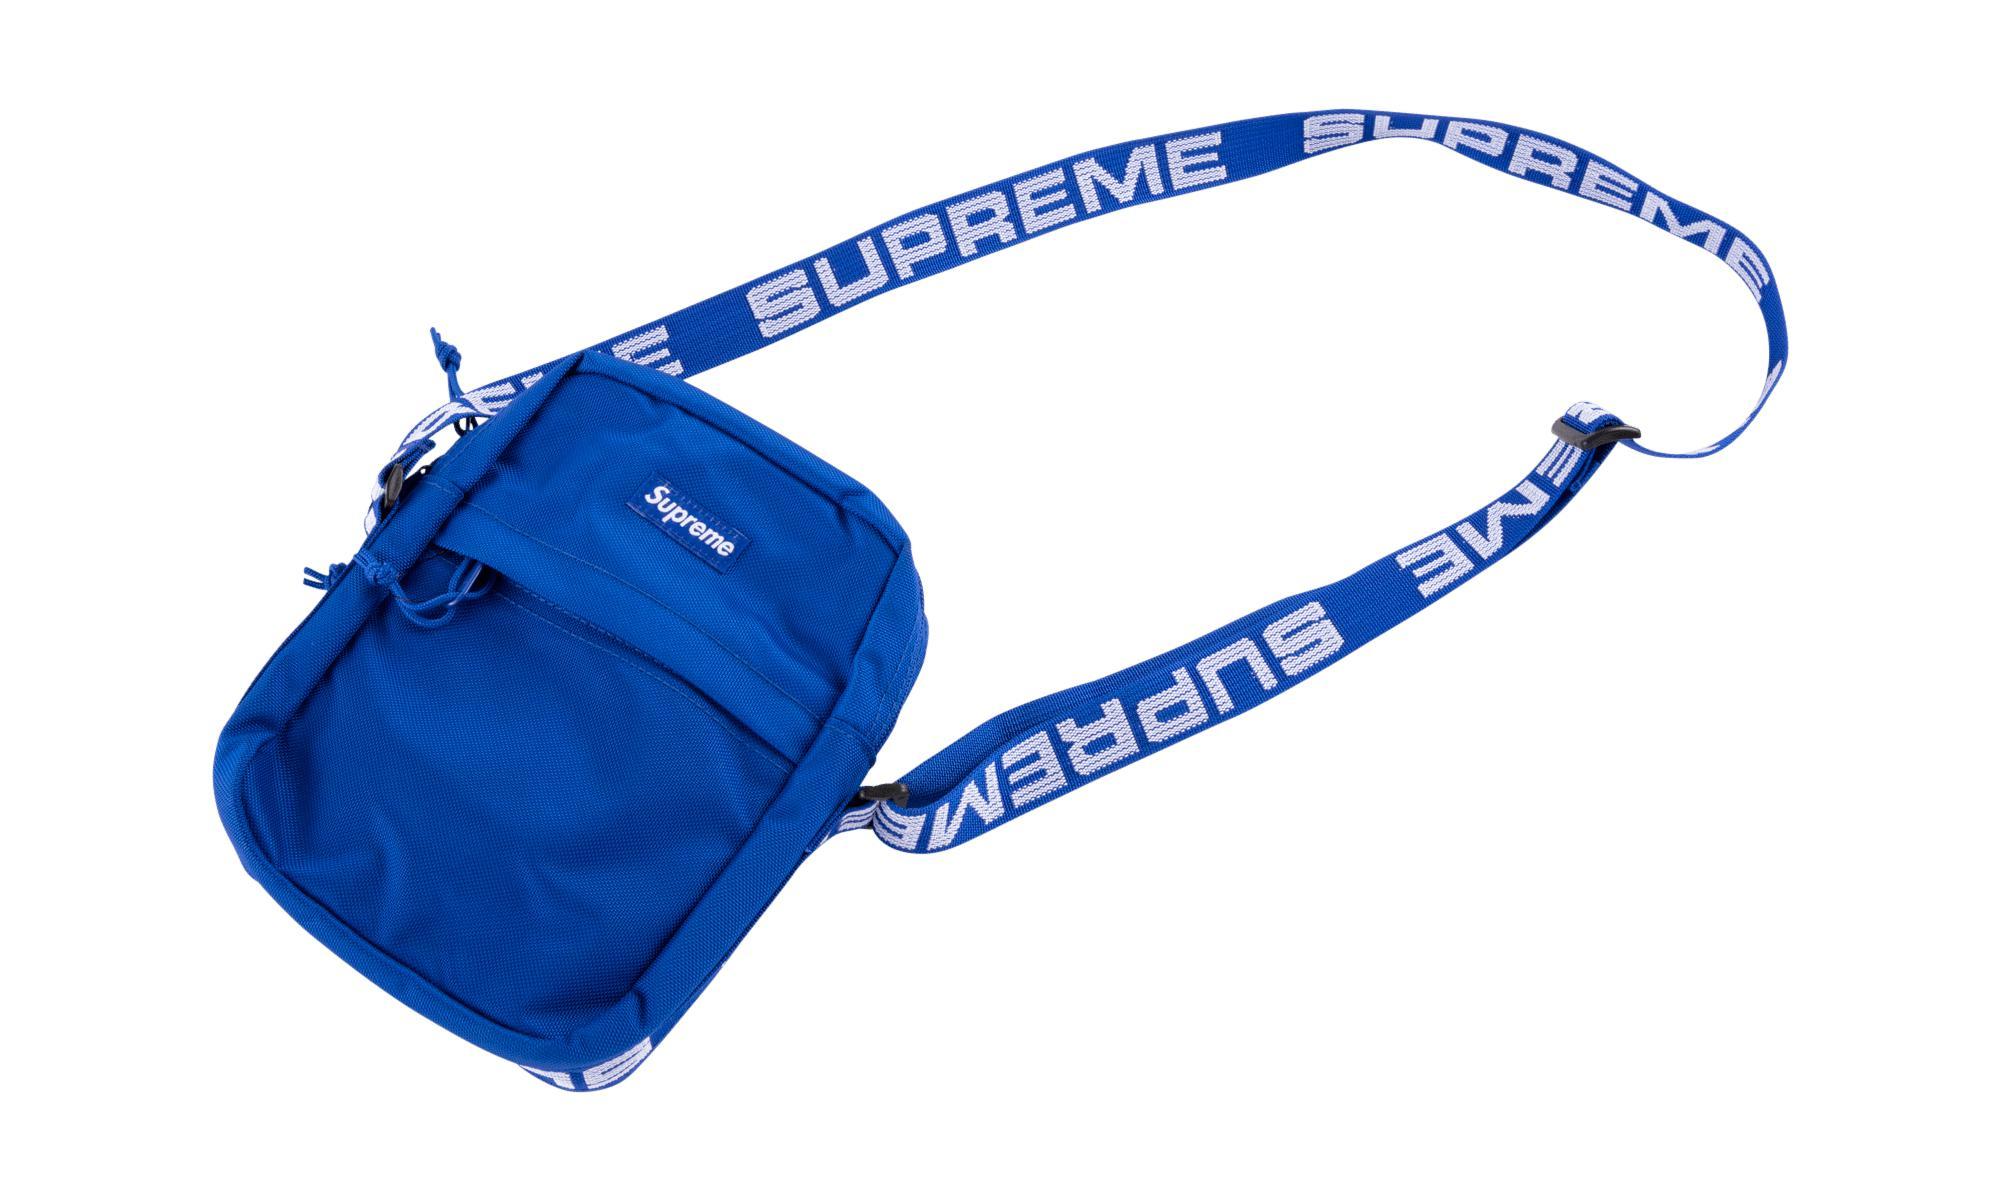 Lyst - Supreme Shoulder Bag in Blue for Men 14dde18a3fd01